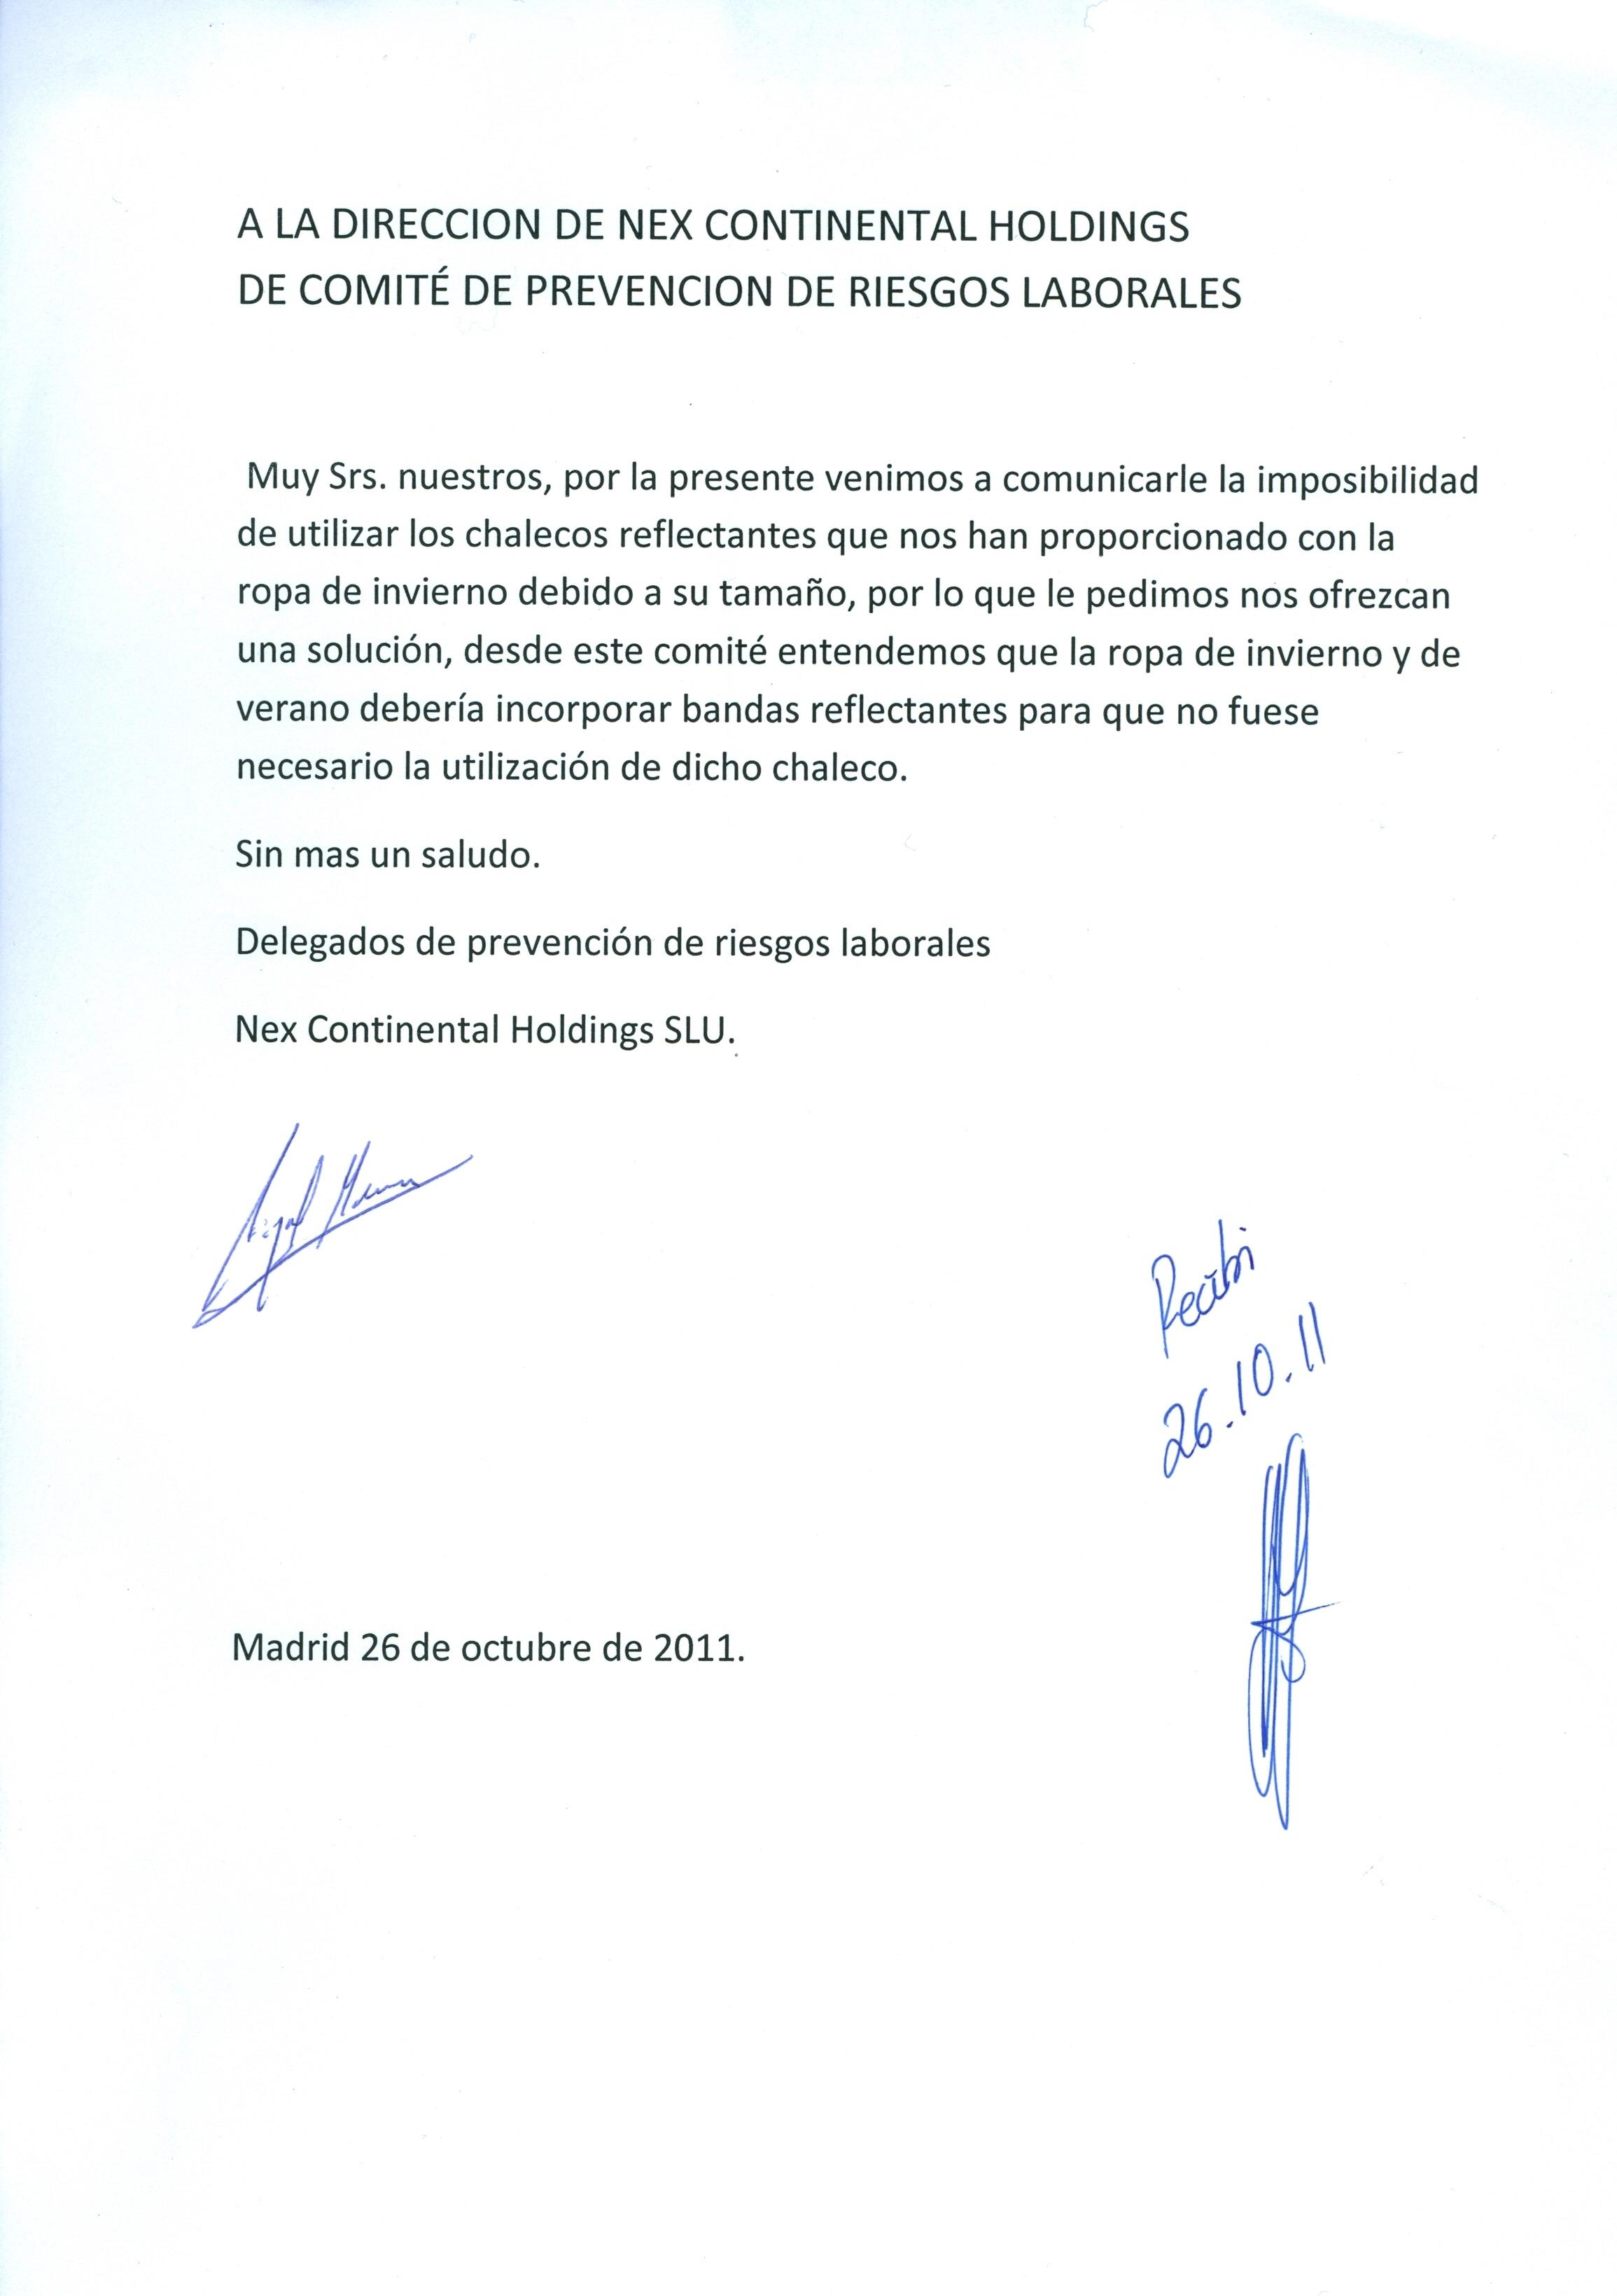 carta de agradecimiento por donacin